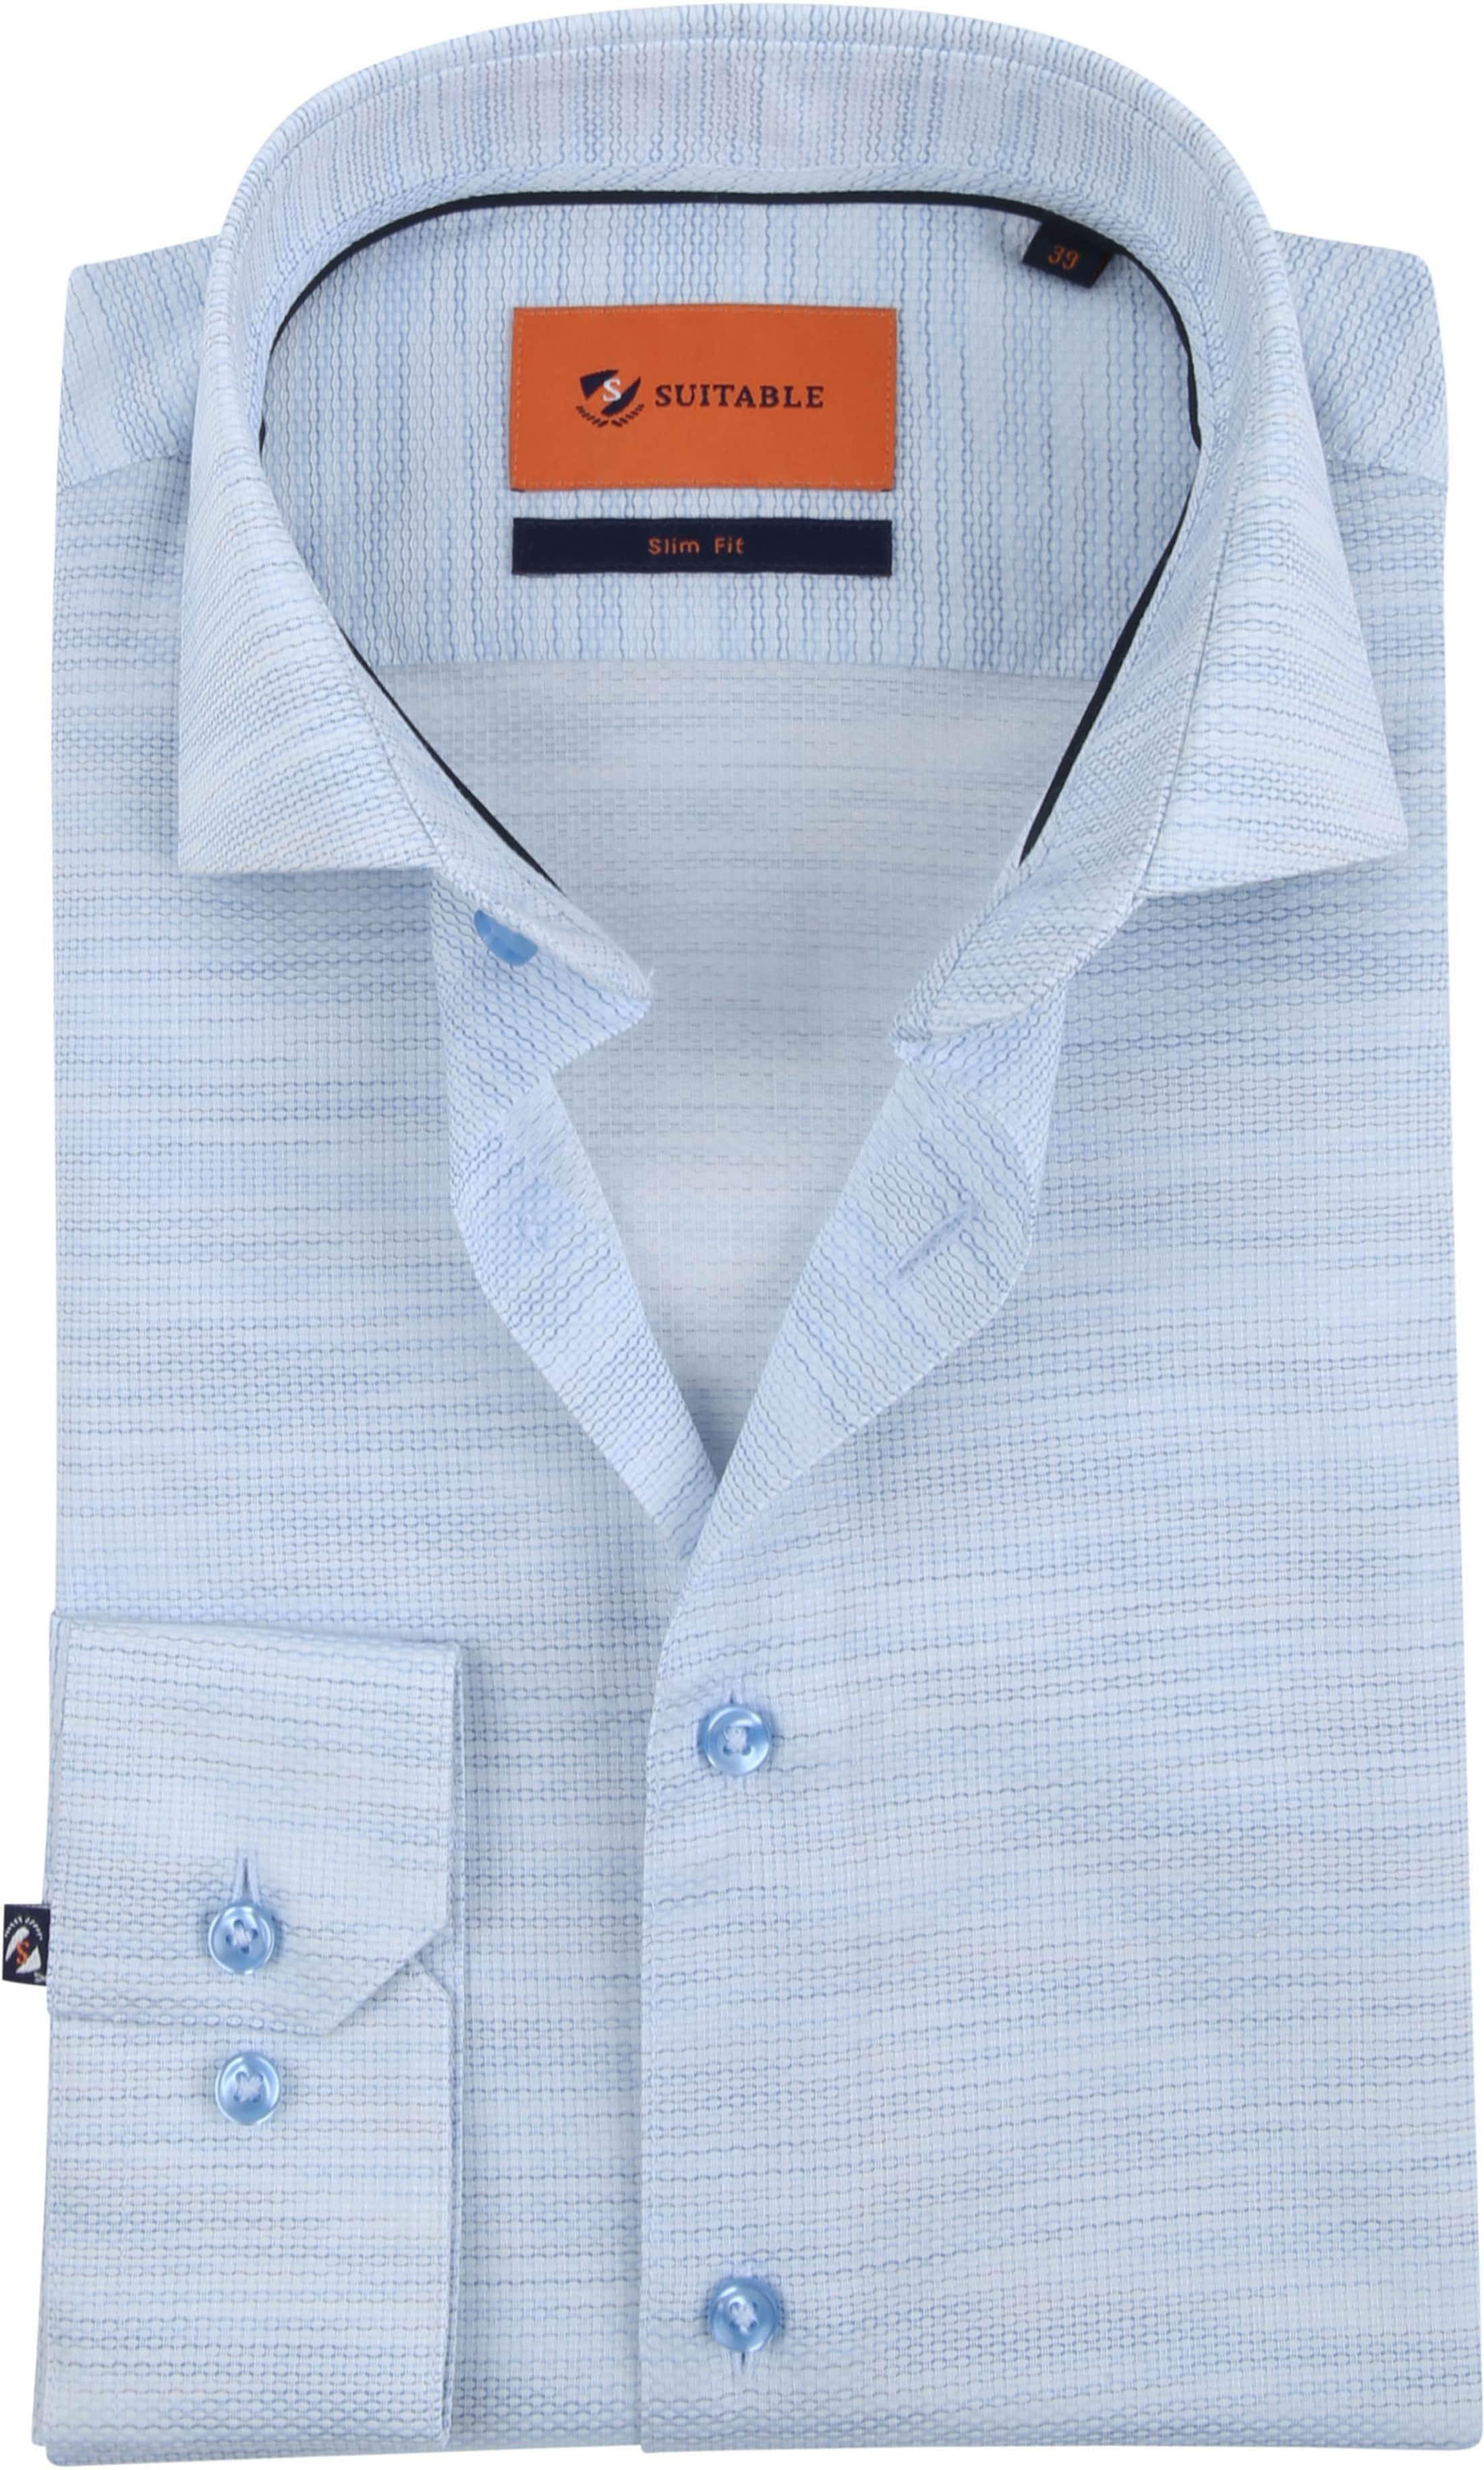 Suitable Overhemd WS Lichtblauw